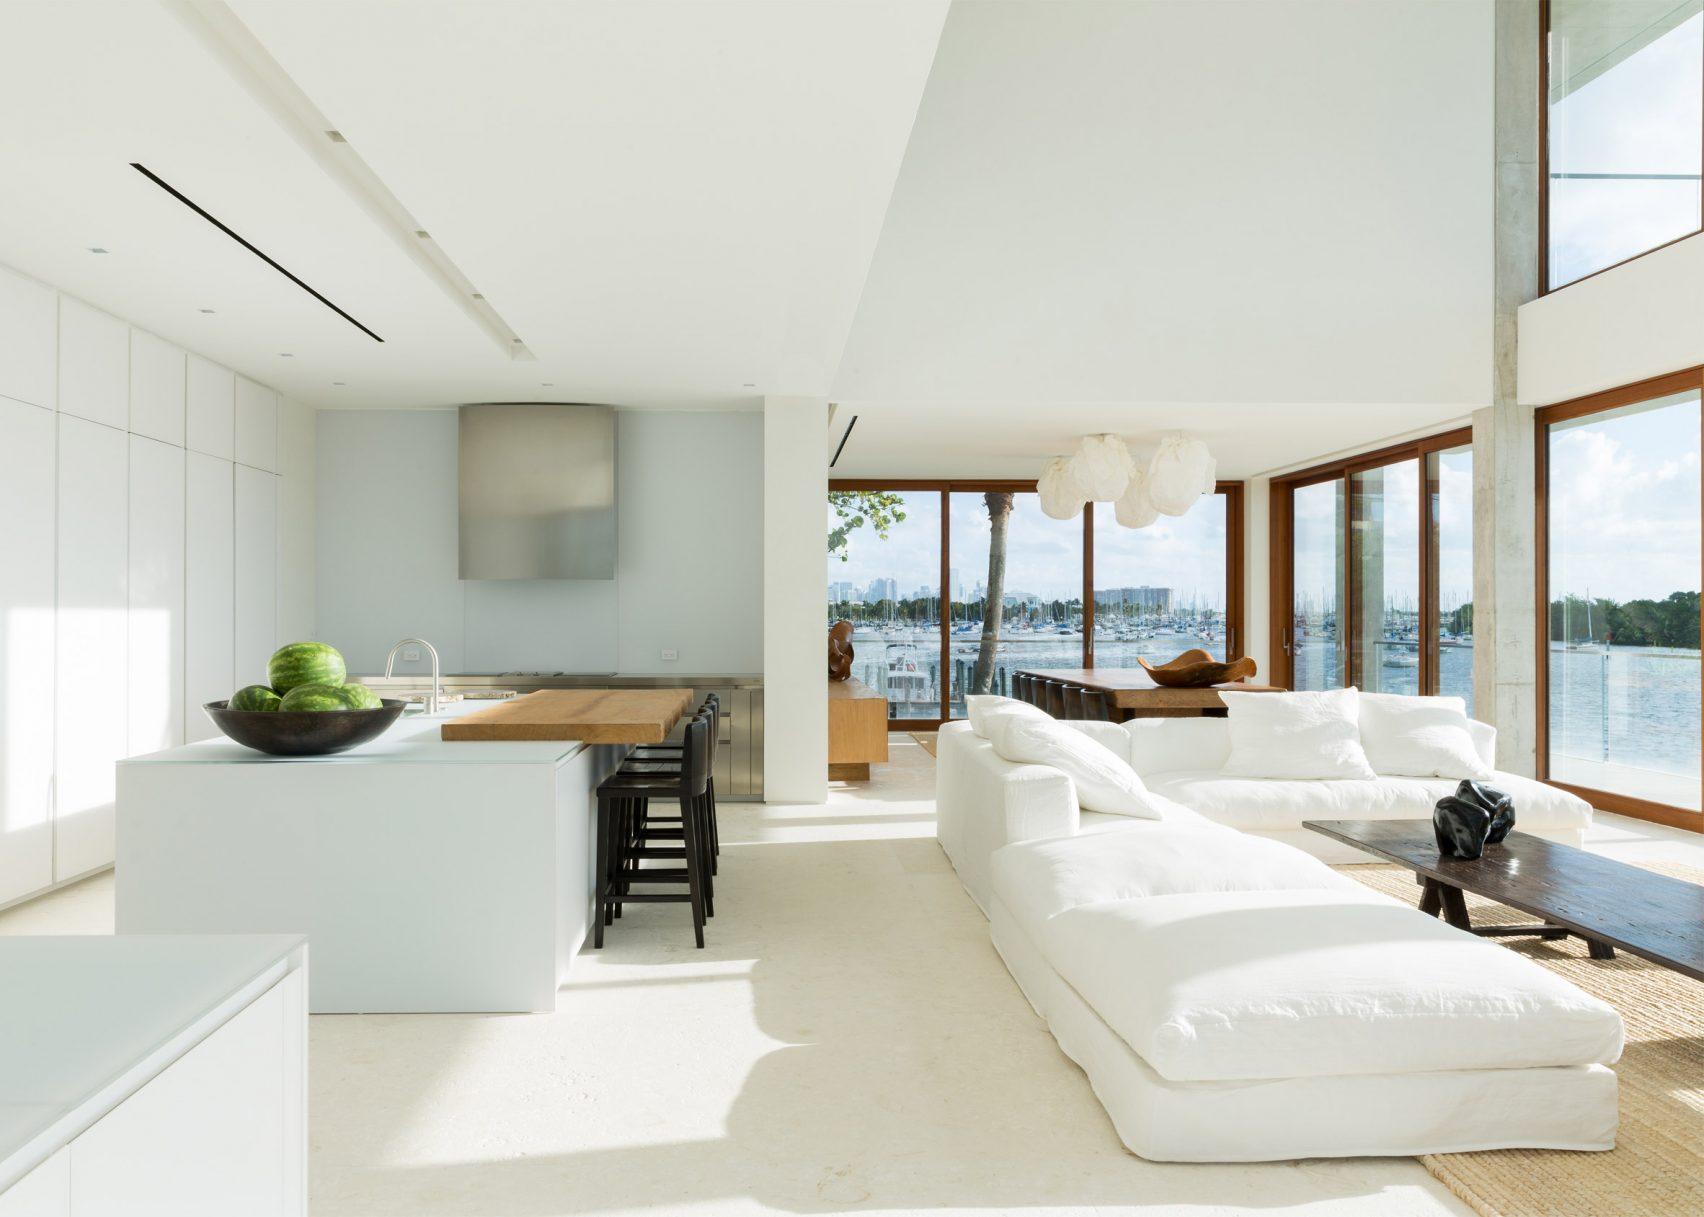 Thiết kế nội thất biệt thựVinhome 3